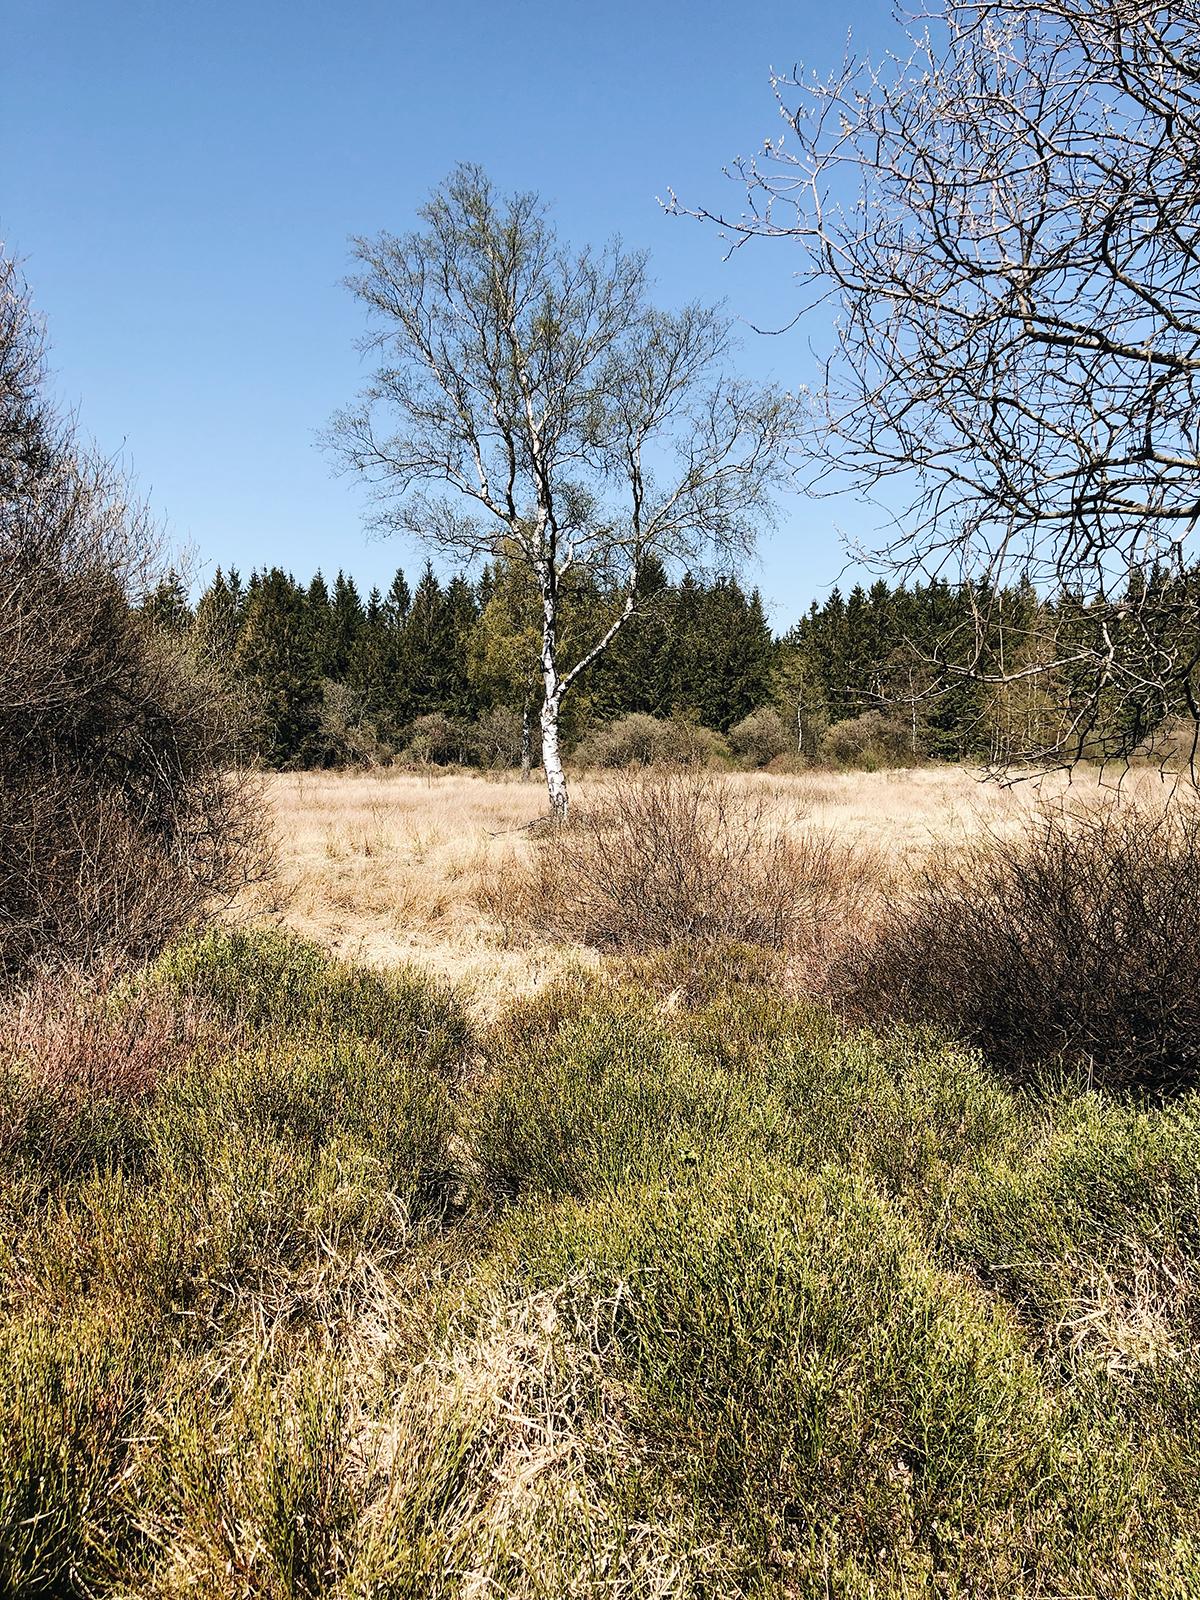 ohranimo-naravo-čisto-in-neokrnjeno-lili-in-roza-blog-skrb-za-okolje-gozd-2.JPG